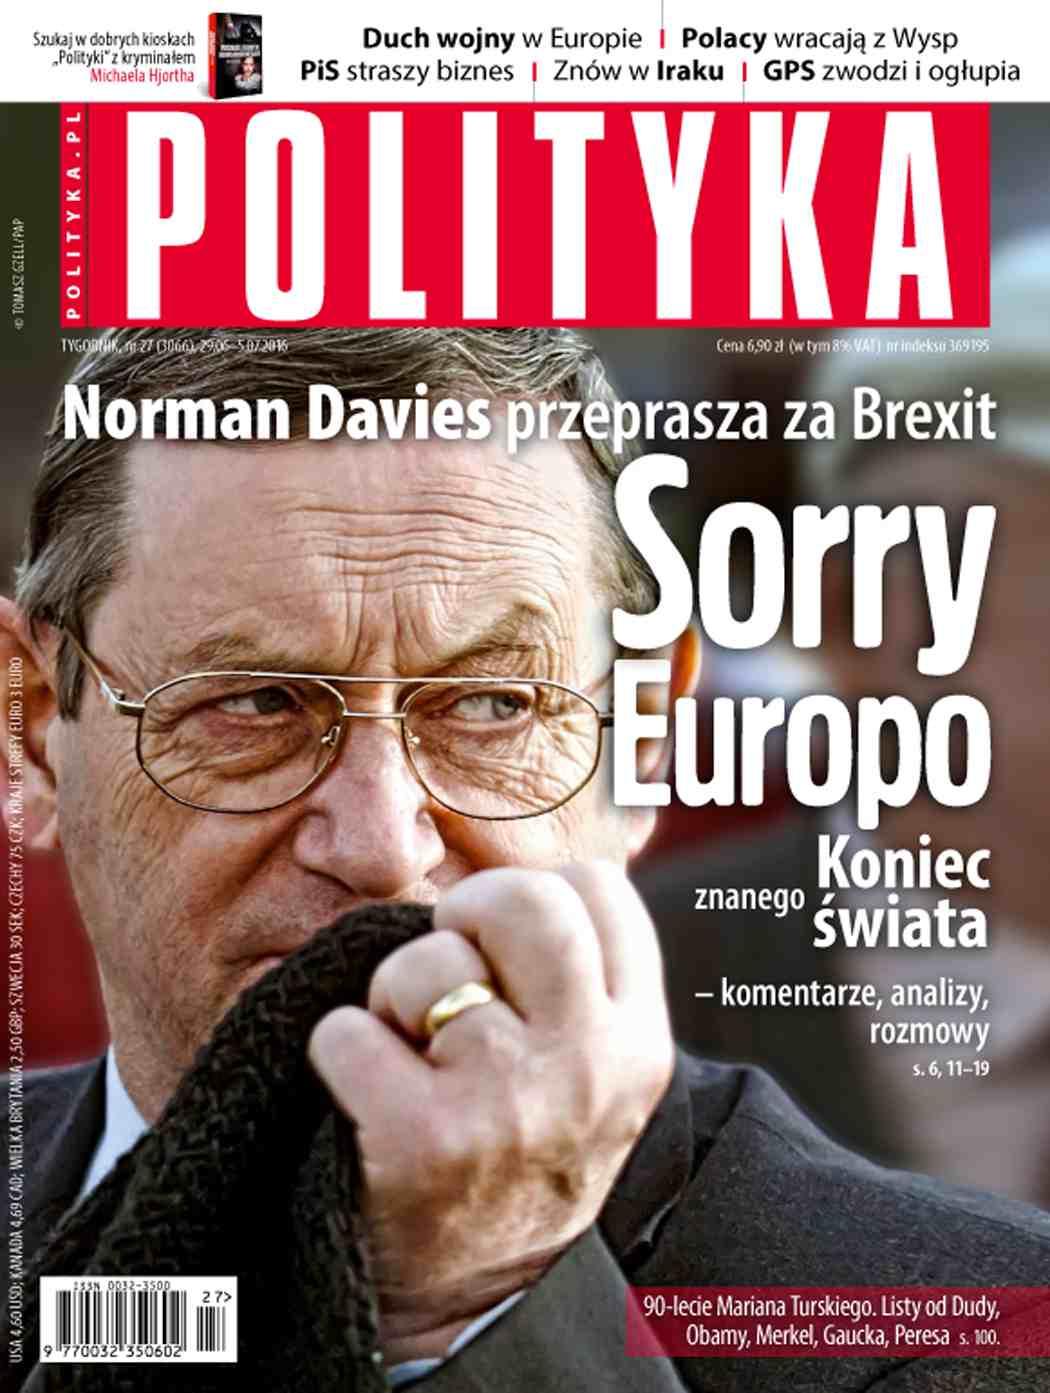 Polityka nr 27/2016 - Ebook (Książka PDF) do pobrania w formacie PDF